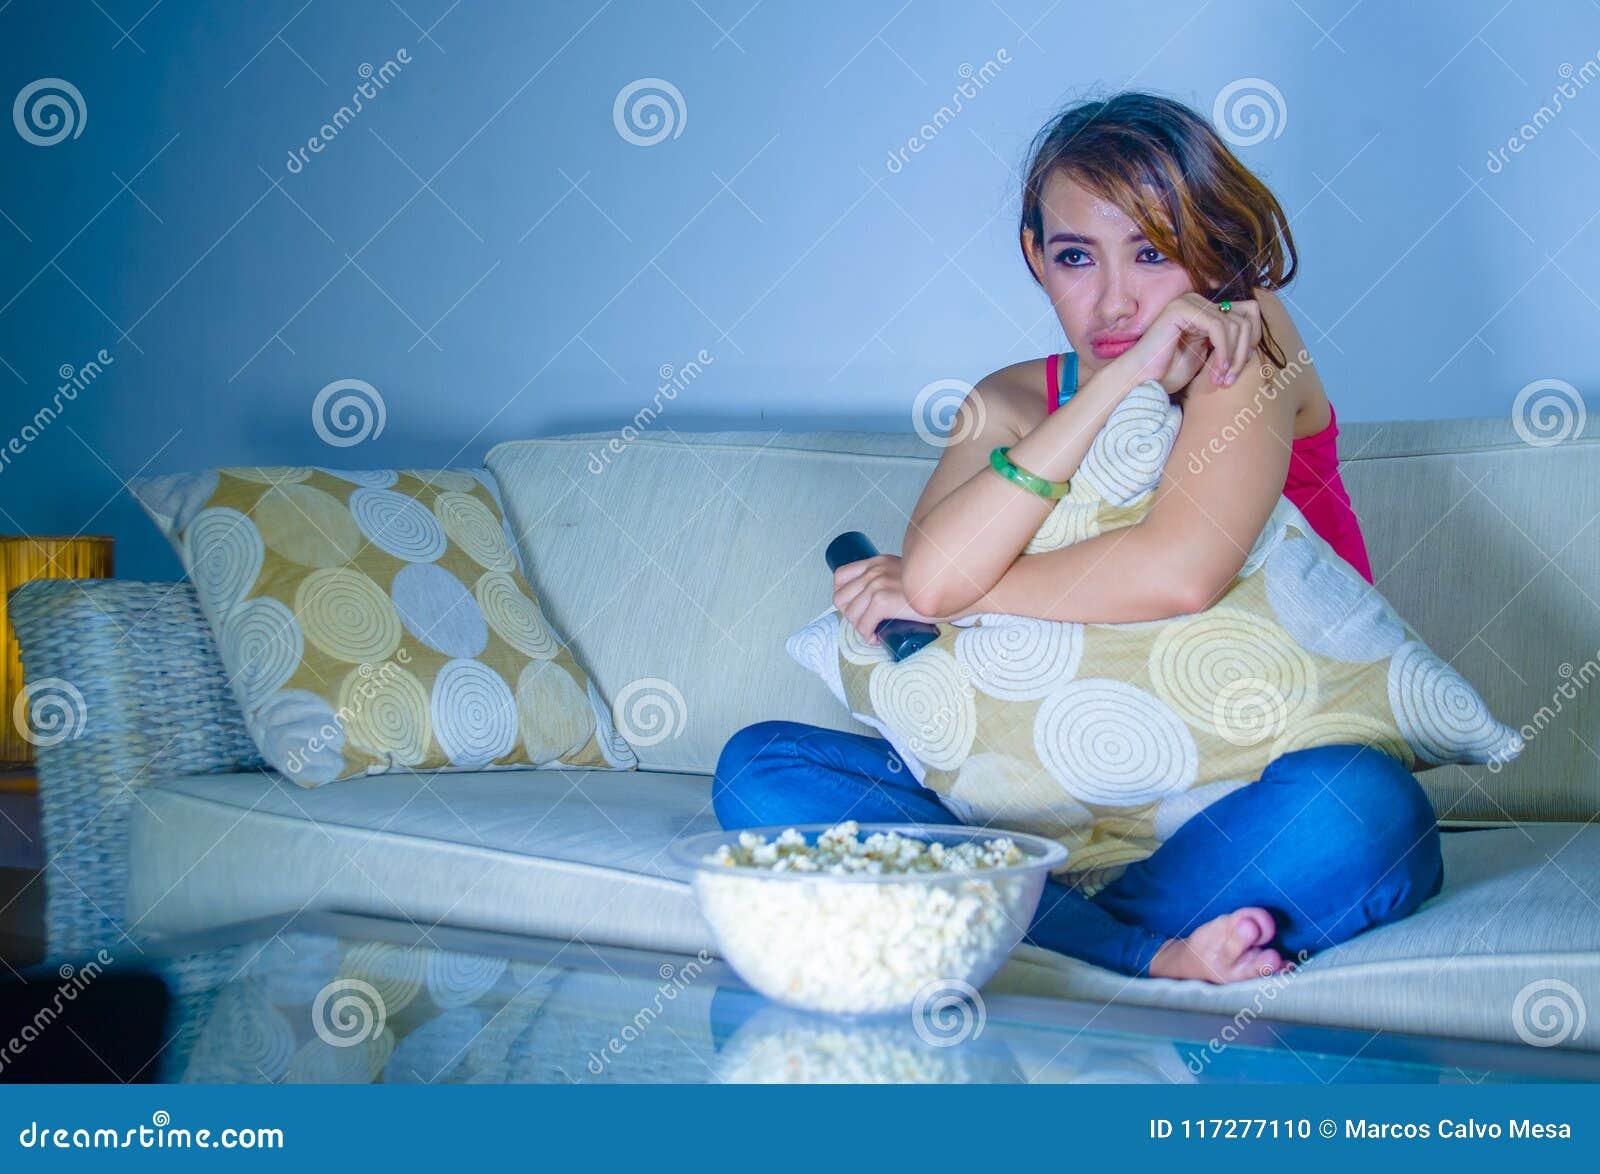 年轻美丽的哀伤的拉丁吃玉米花的妇女观看的戏曲浪漫电影在家坐沙发长沙发夜间在悲伤面孔